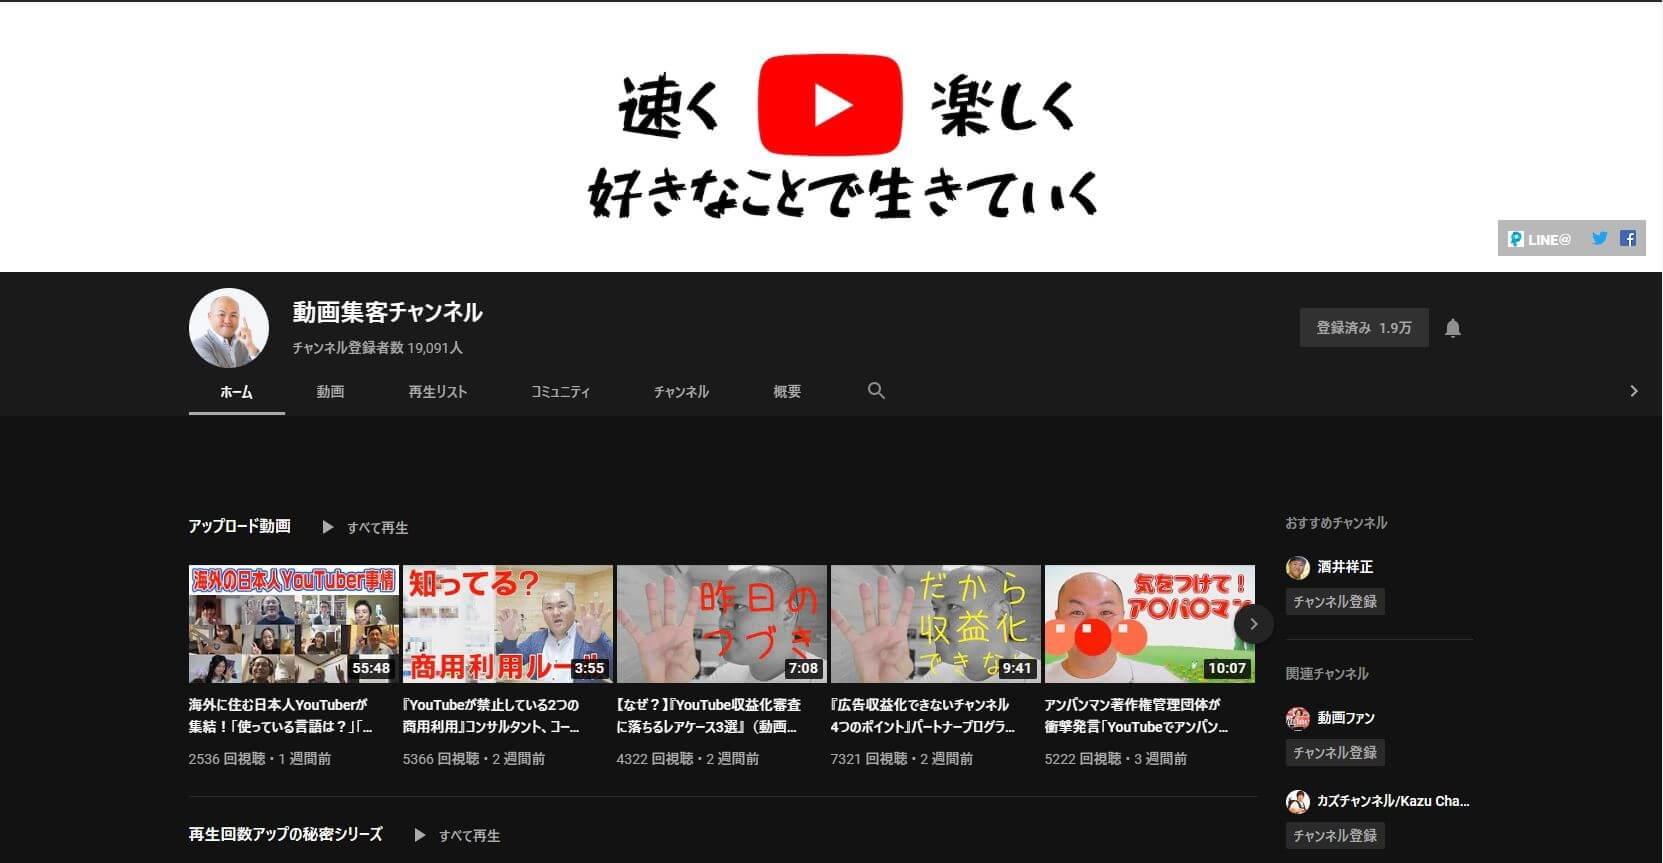 YouTubeの動画集客チャンネル